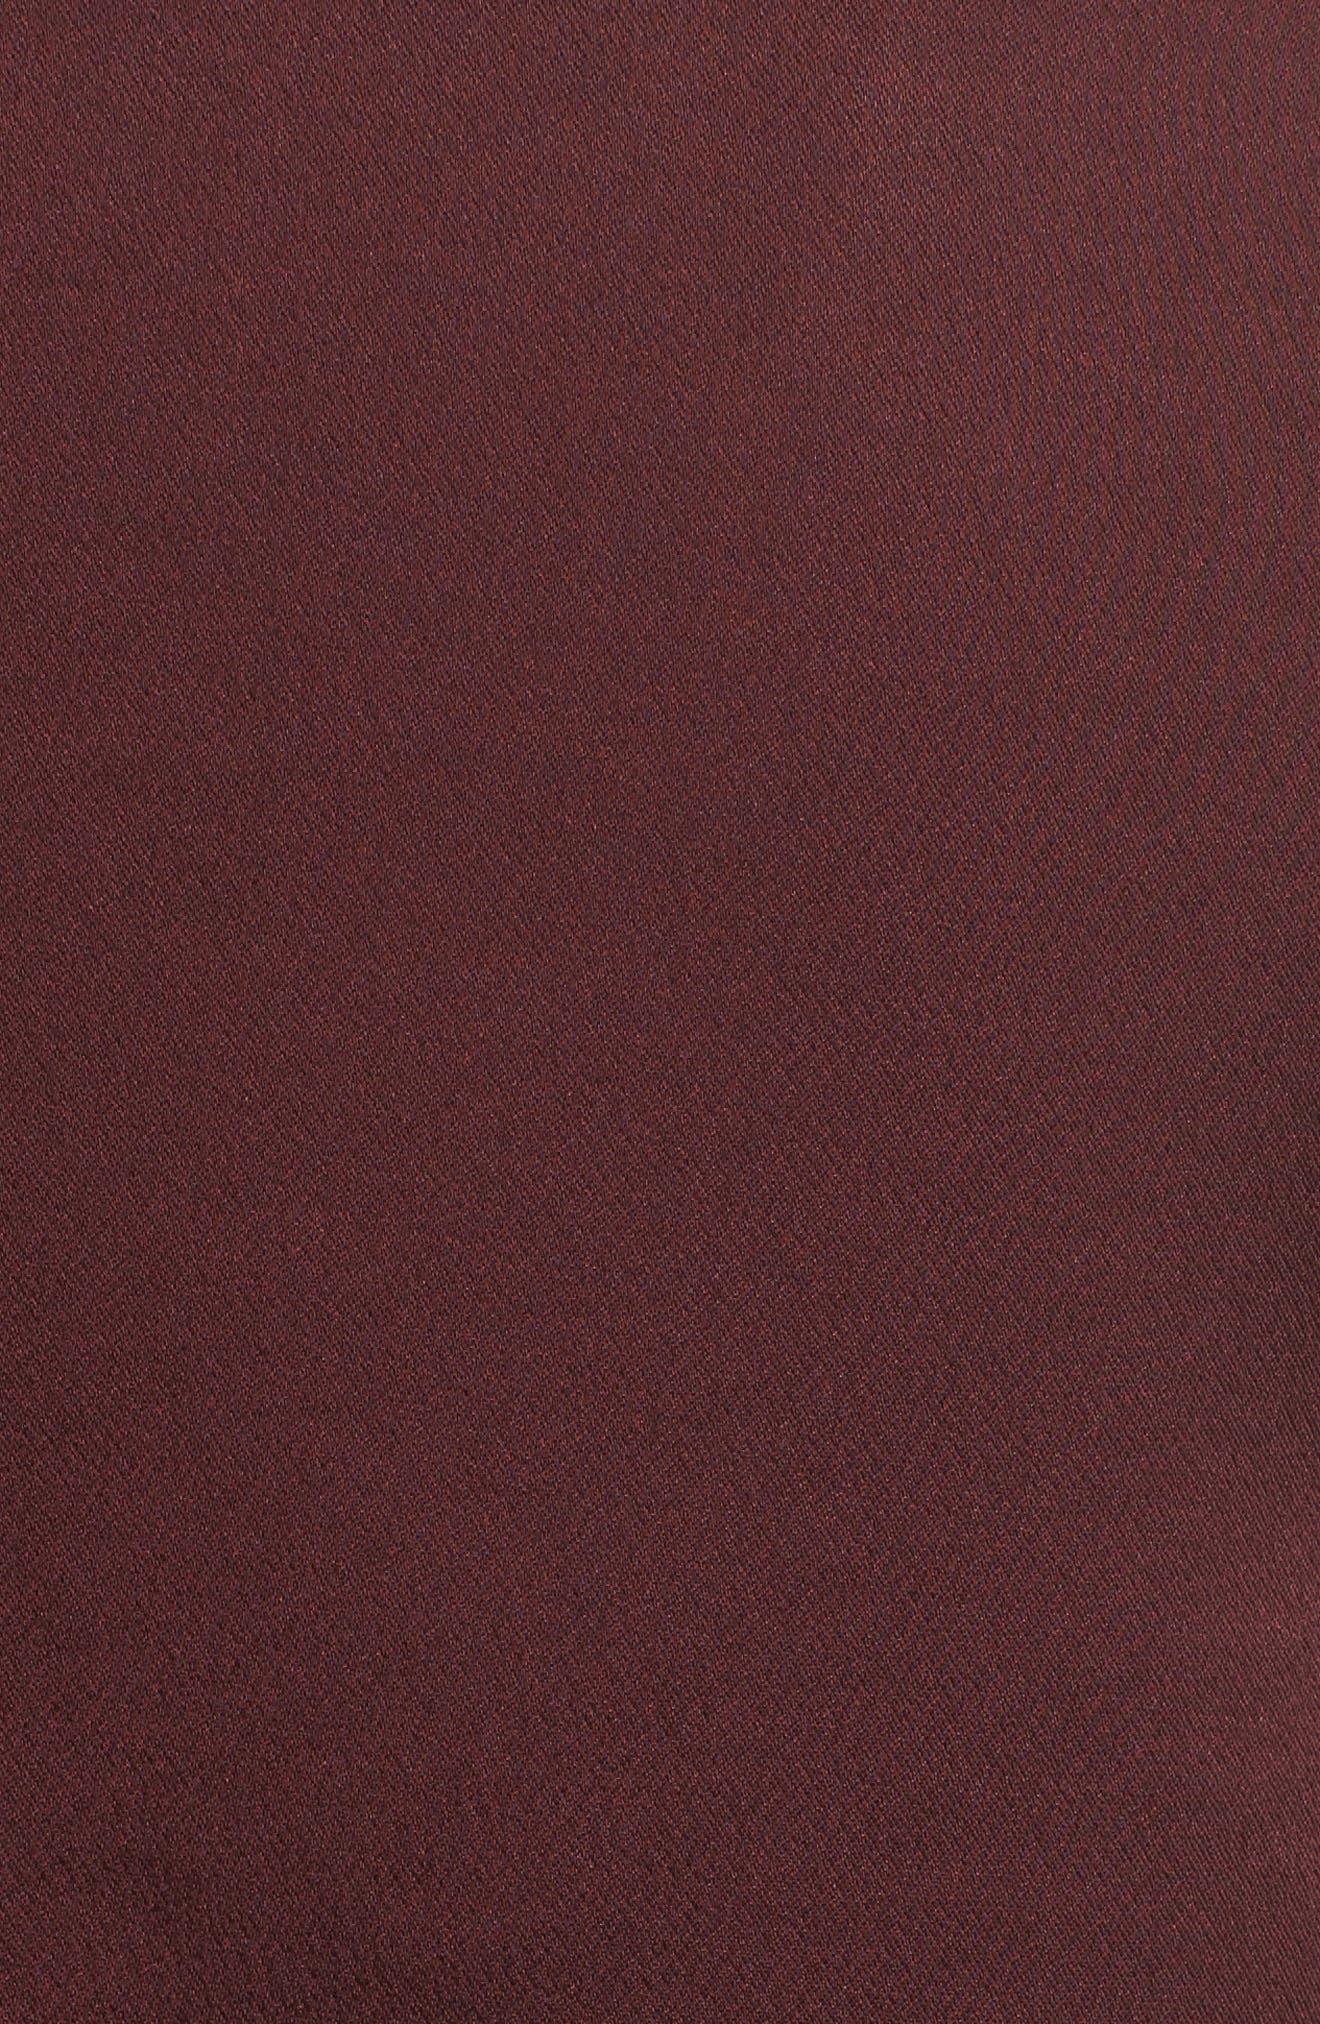 Heath Ruffle Hem Top,                             Alternate thumbnail 5, color,                             600